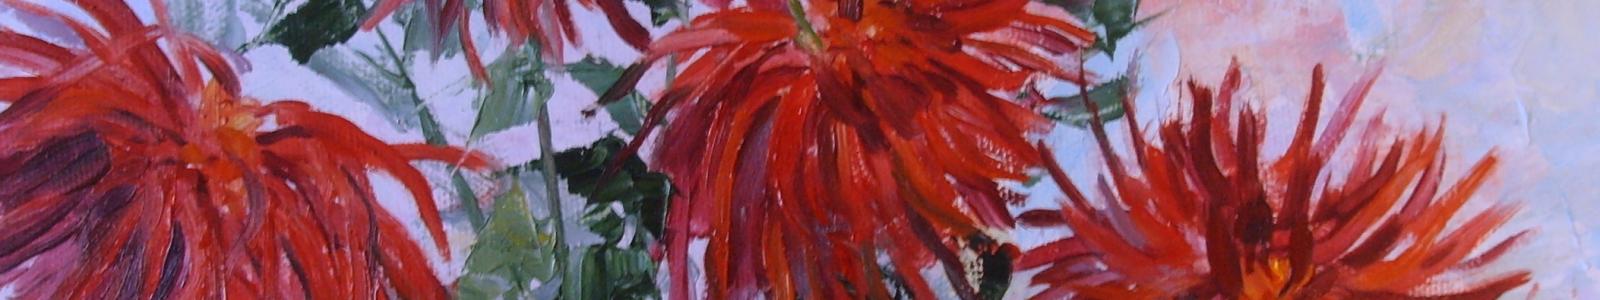 Gallery Painter Olga Romanenko